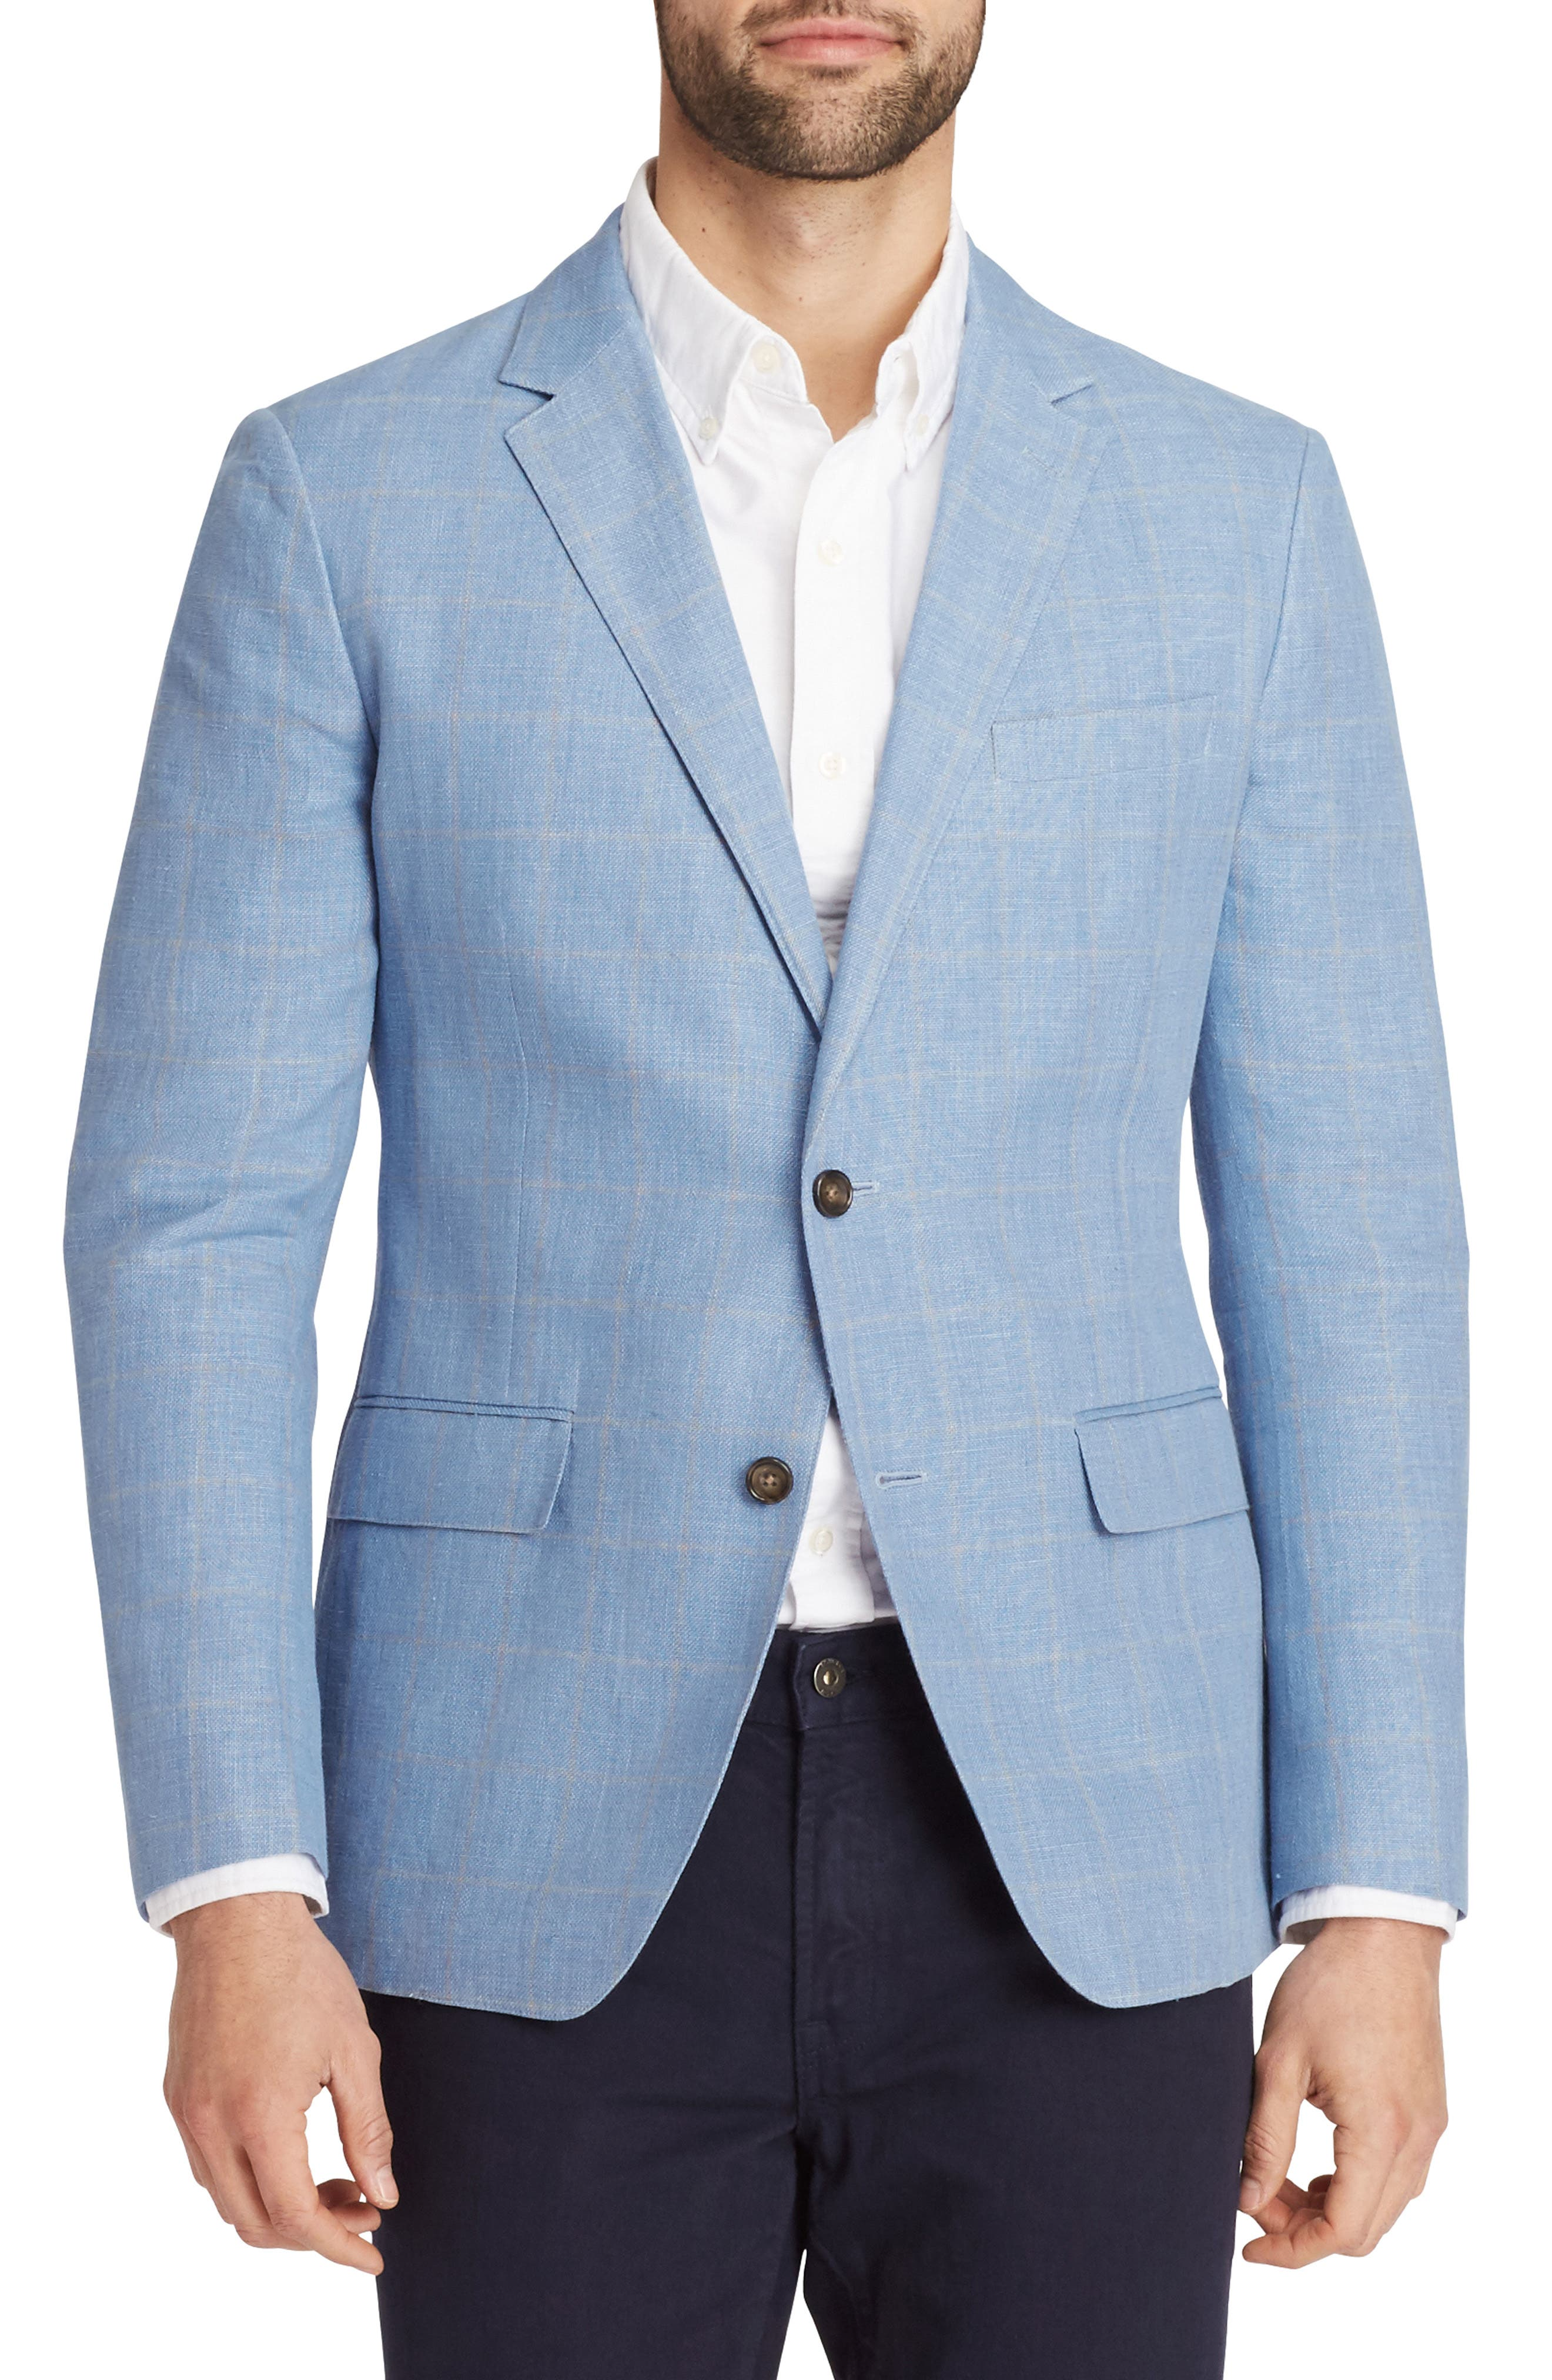 Slim Fit Cotton & Linen Unconstructed Blazer,                         Main,                         color, Light Blue Windowpane